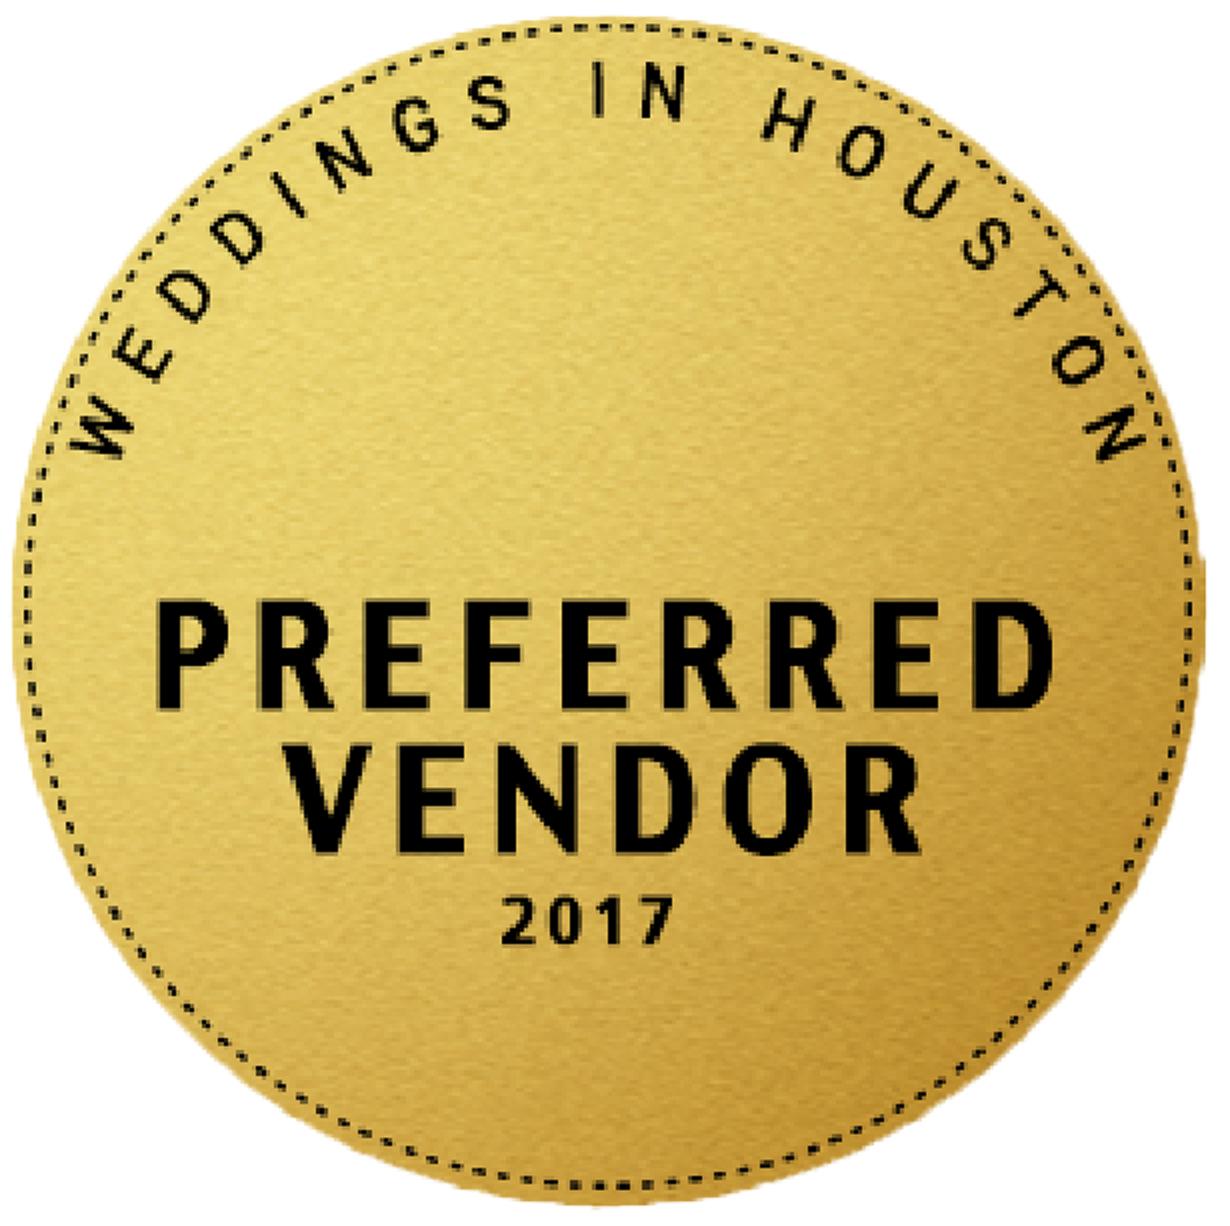 Preferred Vendor_2017.jpg